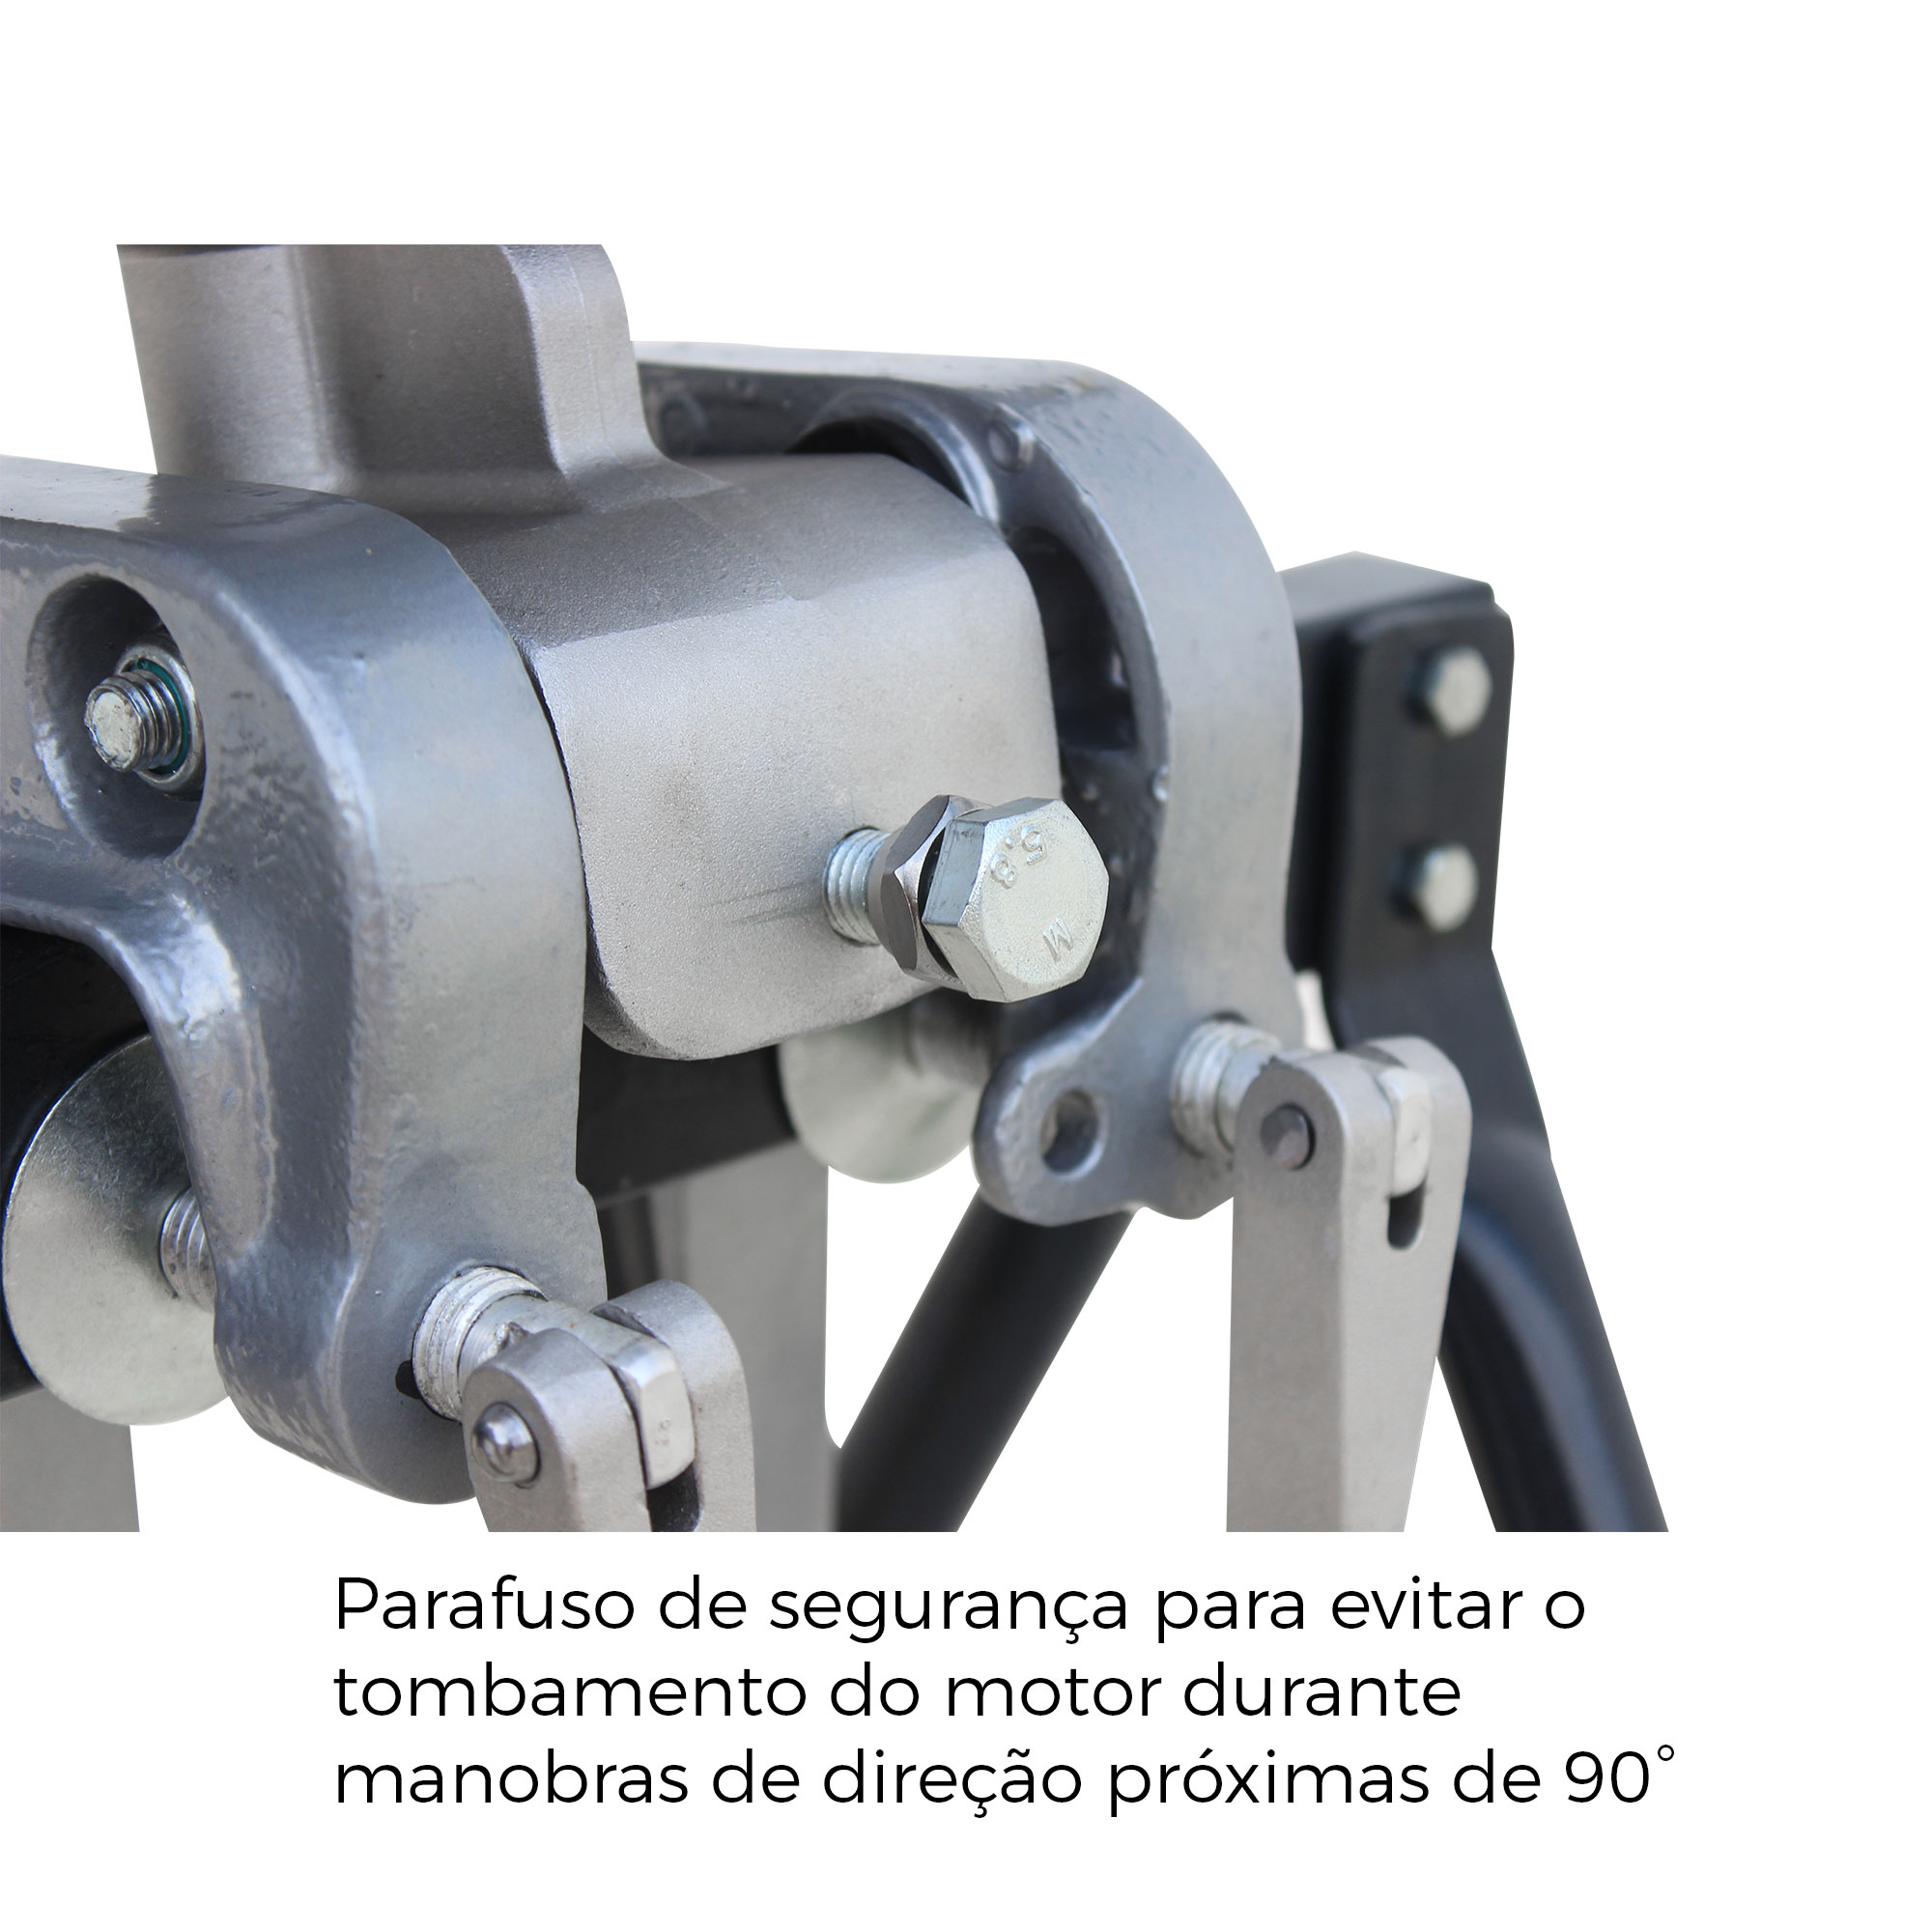 Rabeta Master Plus com tubo de alumínio 1,70m com Motor BRANCO 4T 7.0 HP Gasolina / Partida Manual